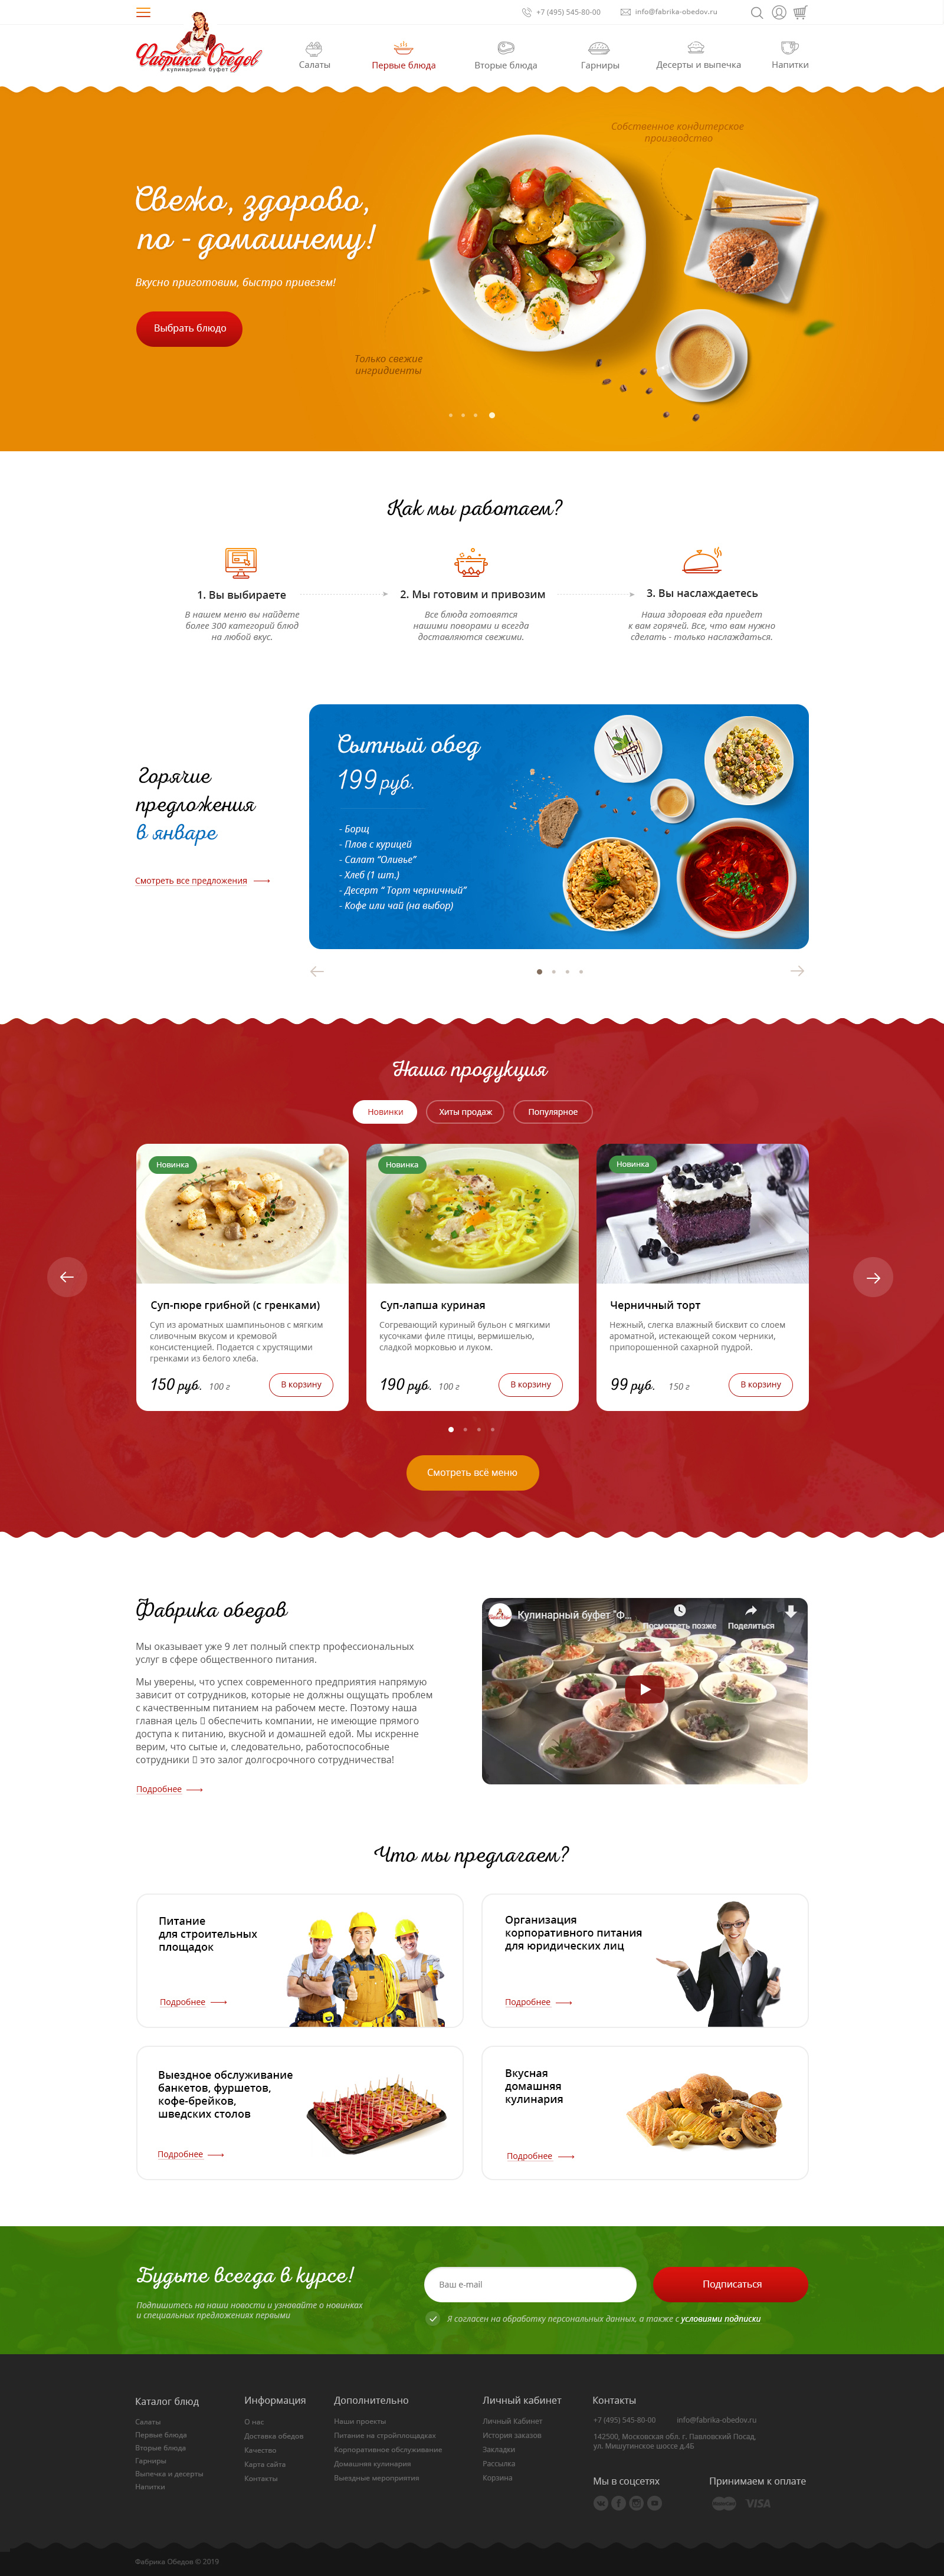 требуется разработать новый дизайн сайта  фото f_6465c4cc8836c554.jpg